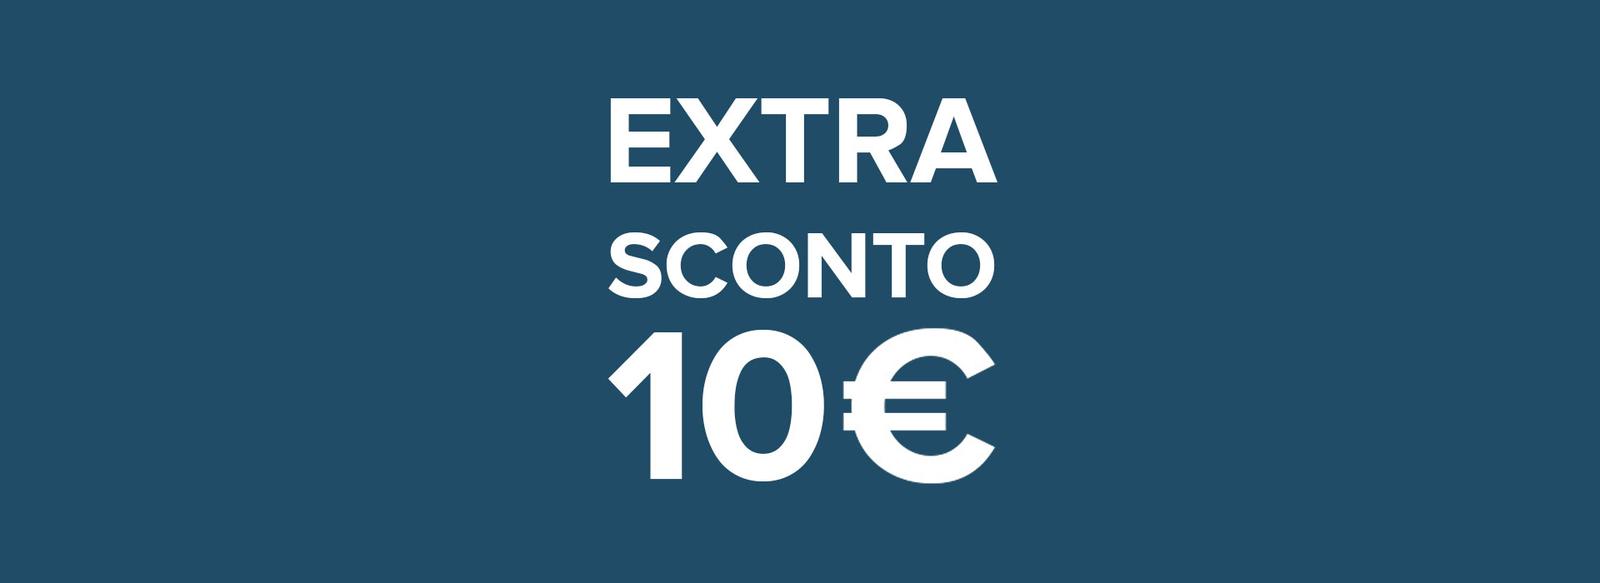 Prenota online con il codice PRENOTAWEB10, valido fino al 31/08/2021